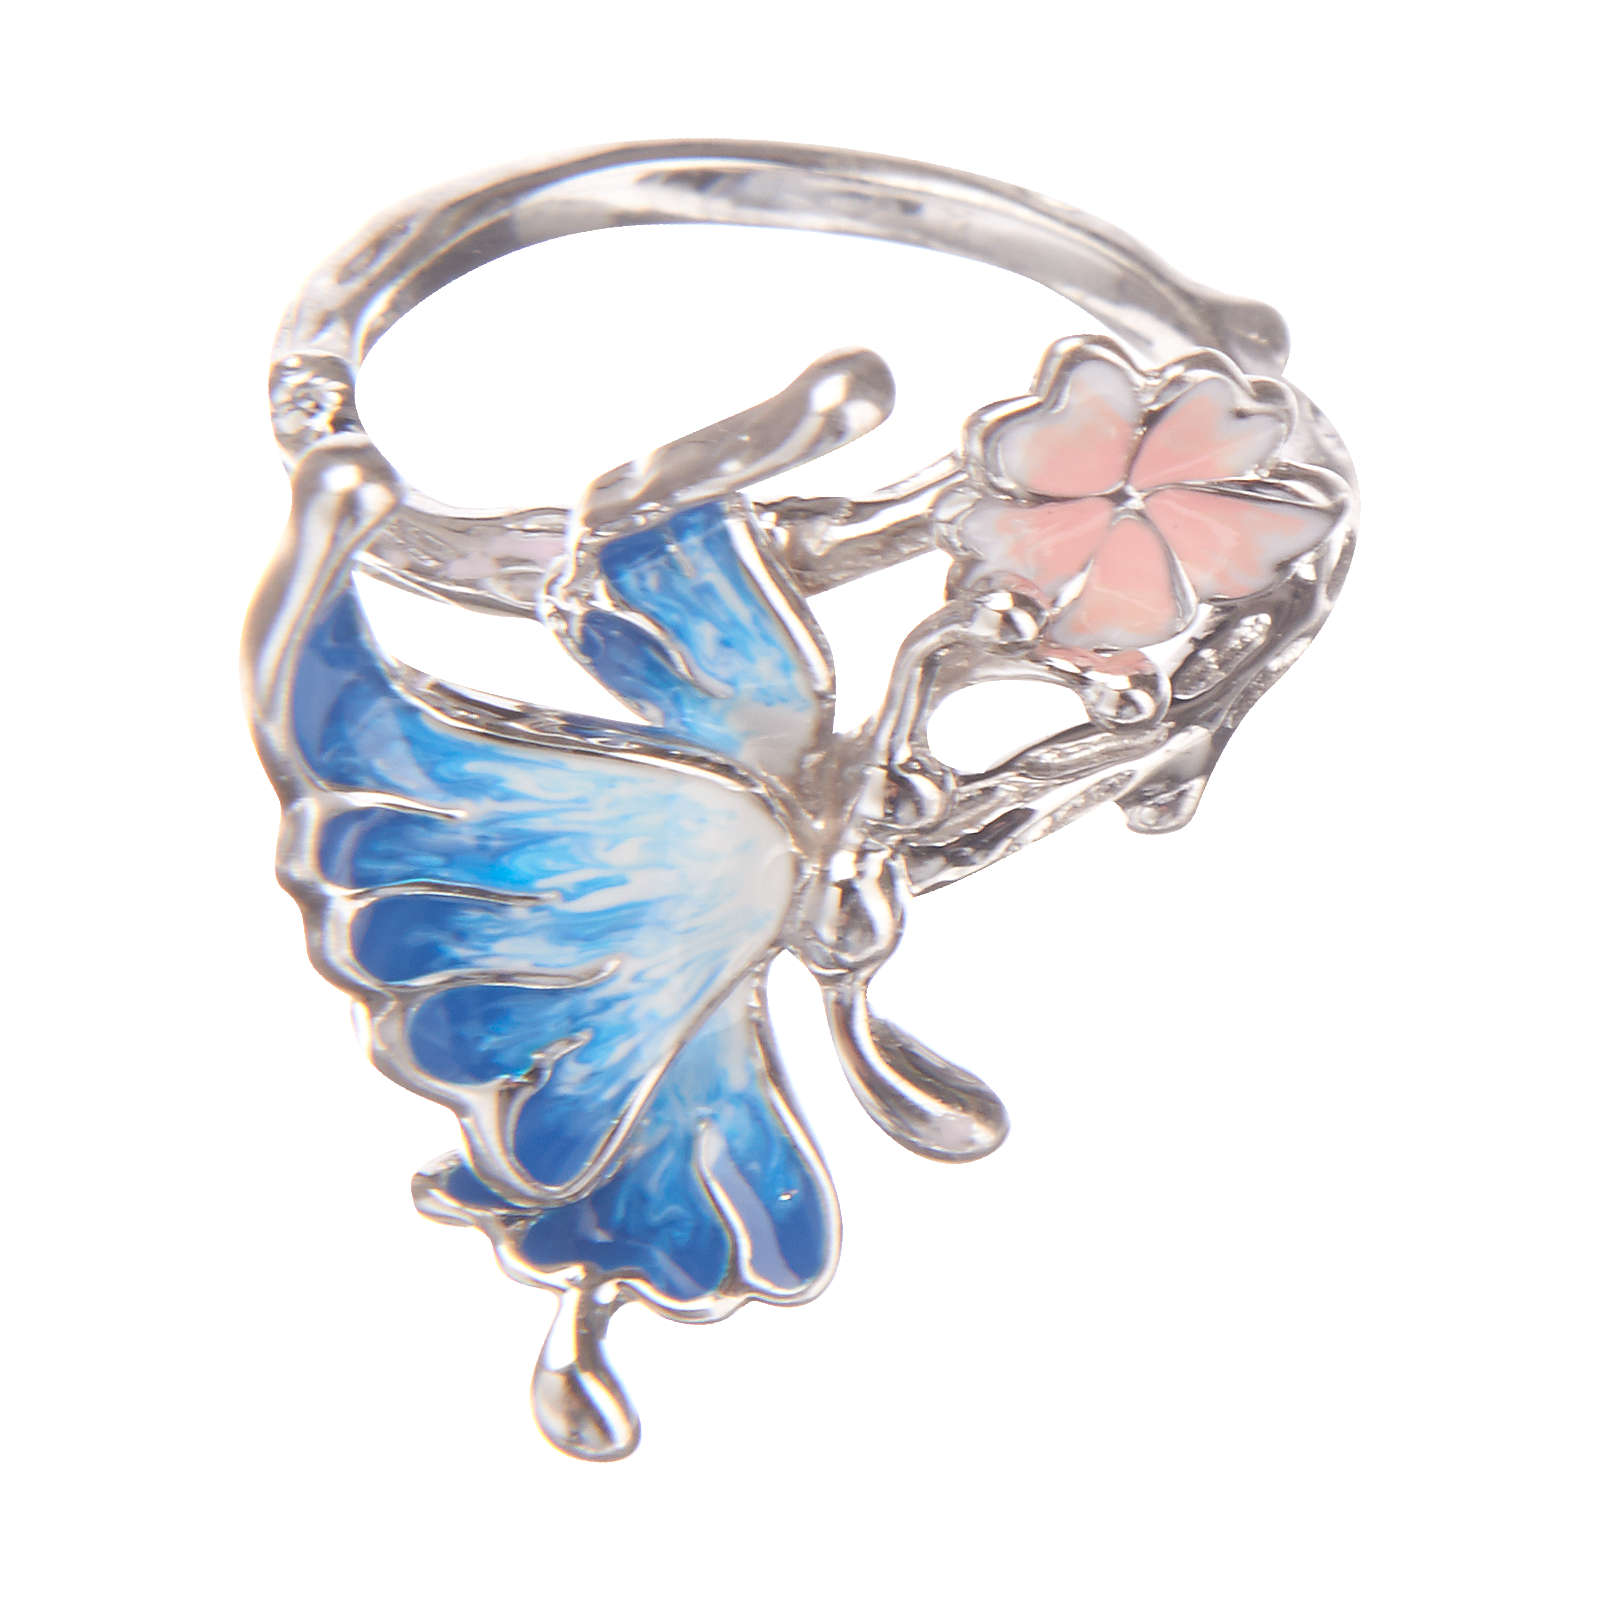 Janusch Kinder Ring mit Schmetterling hellblau ...